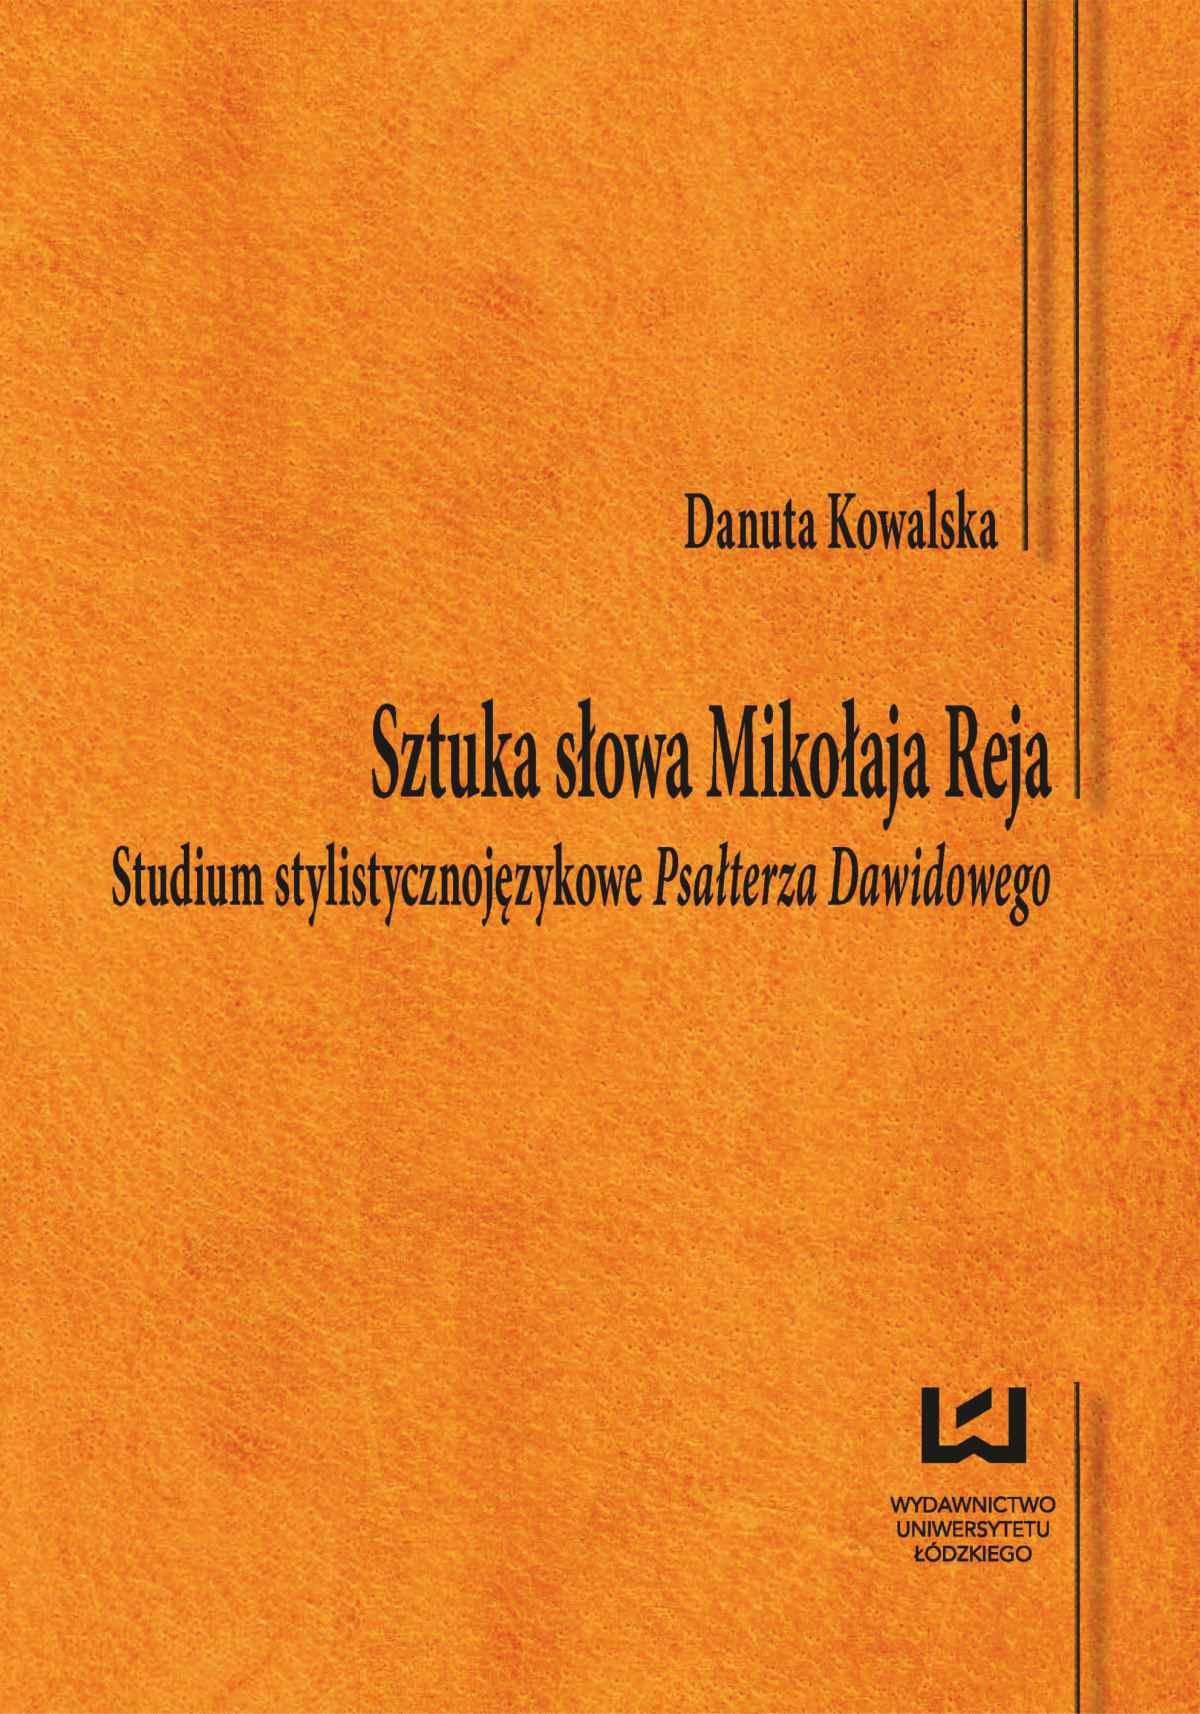 Sztuka słowa Mikołaja Reja. Studium stylistycznojęzykowe Psałterza Dawidowego - Ebook (Książka PDF) do pobrania w formacie PDF